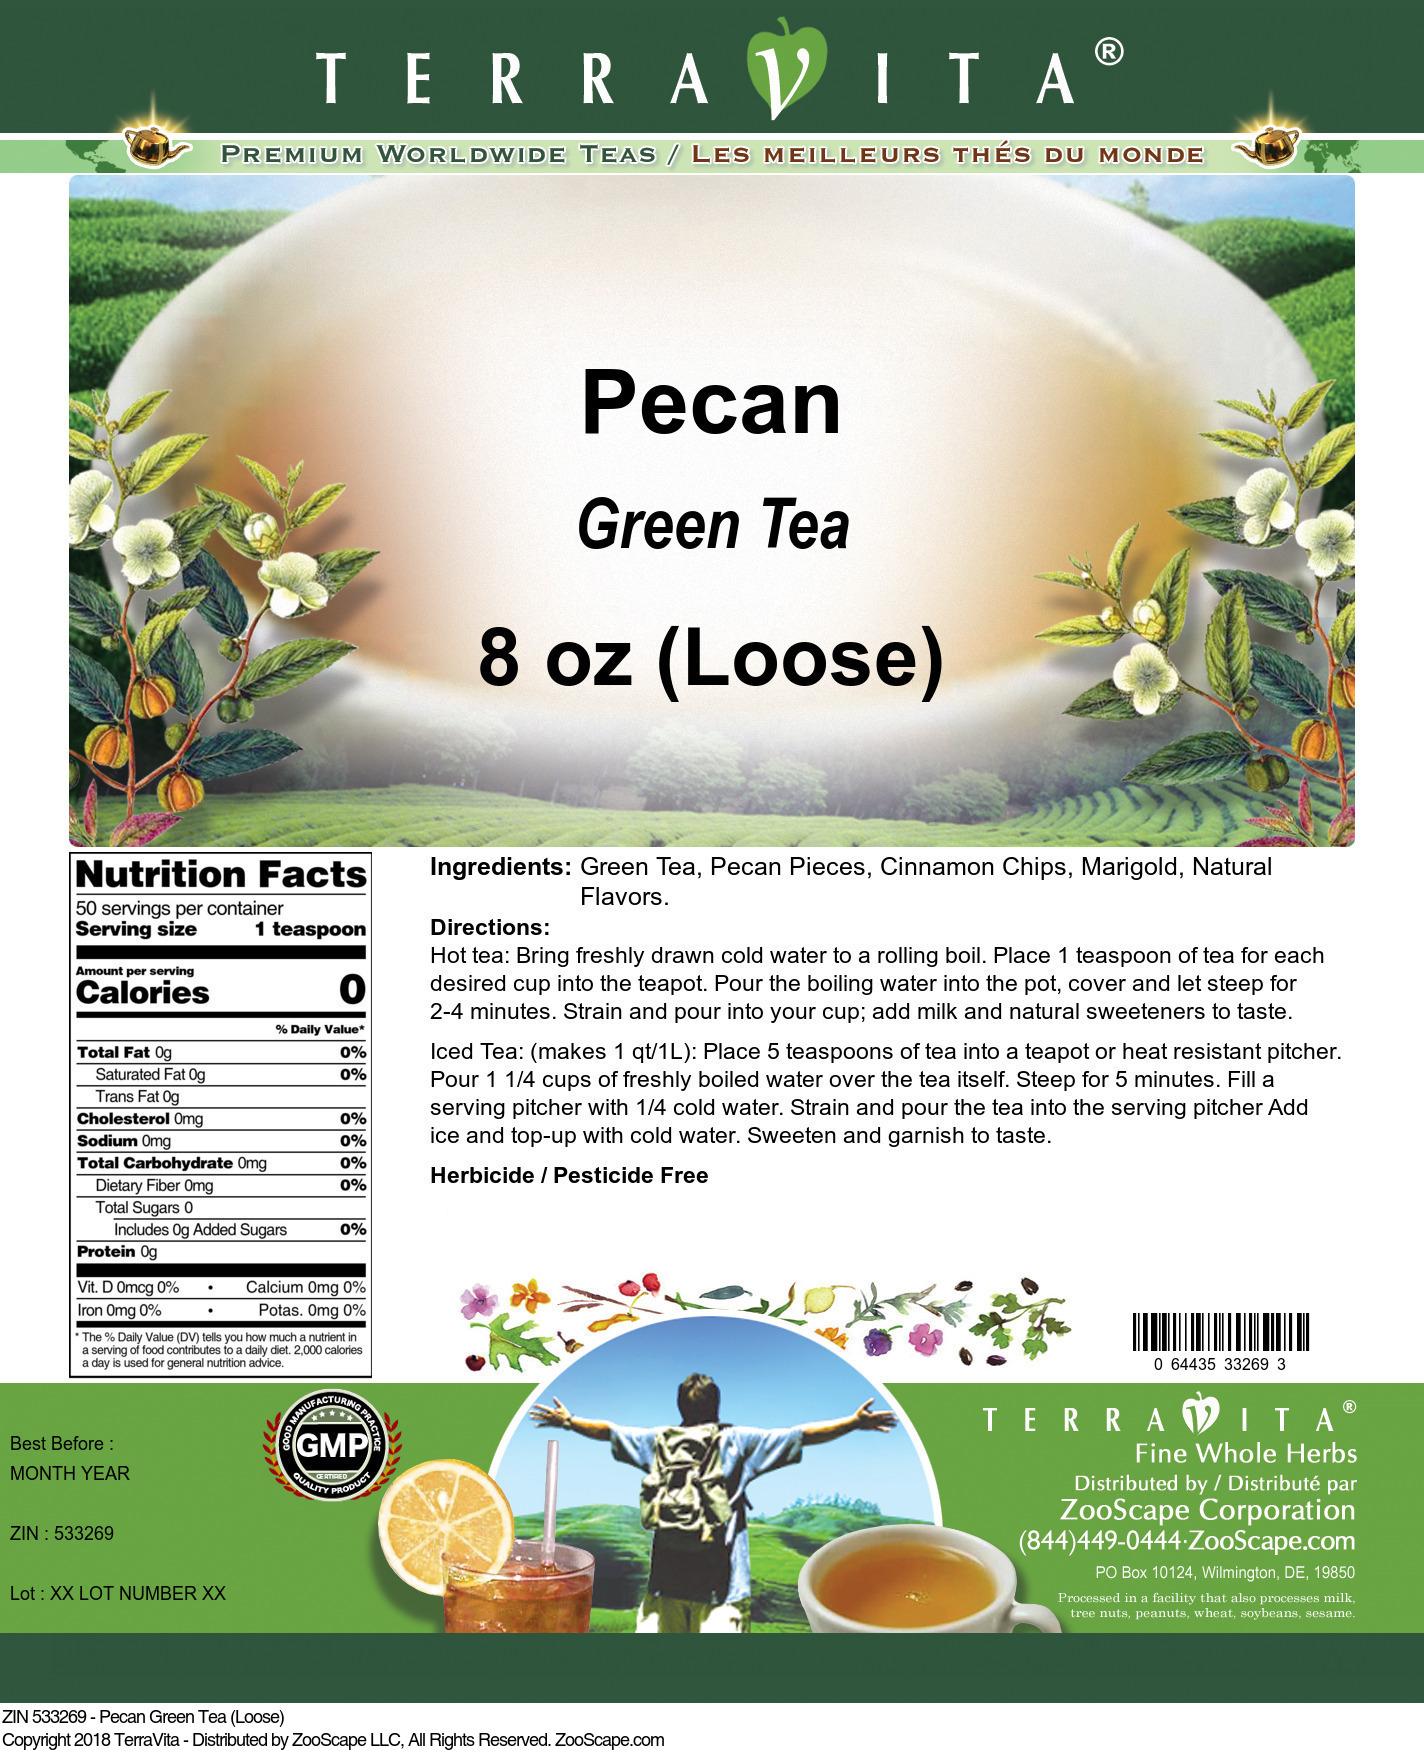 Pecan Green Tea